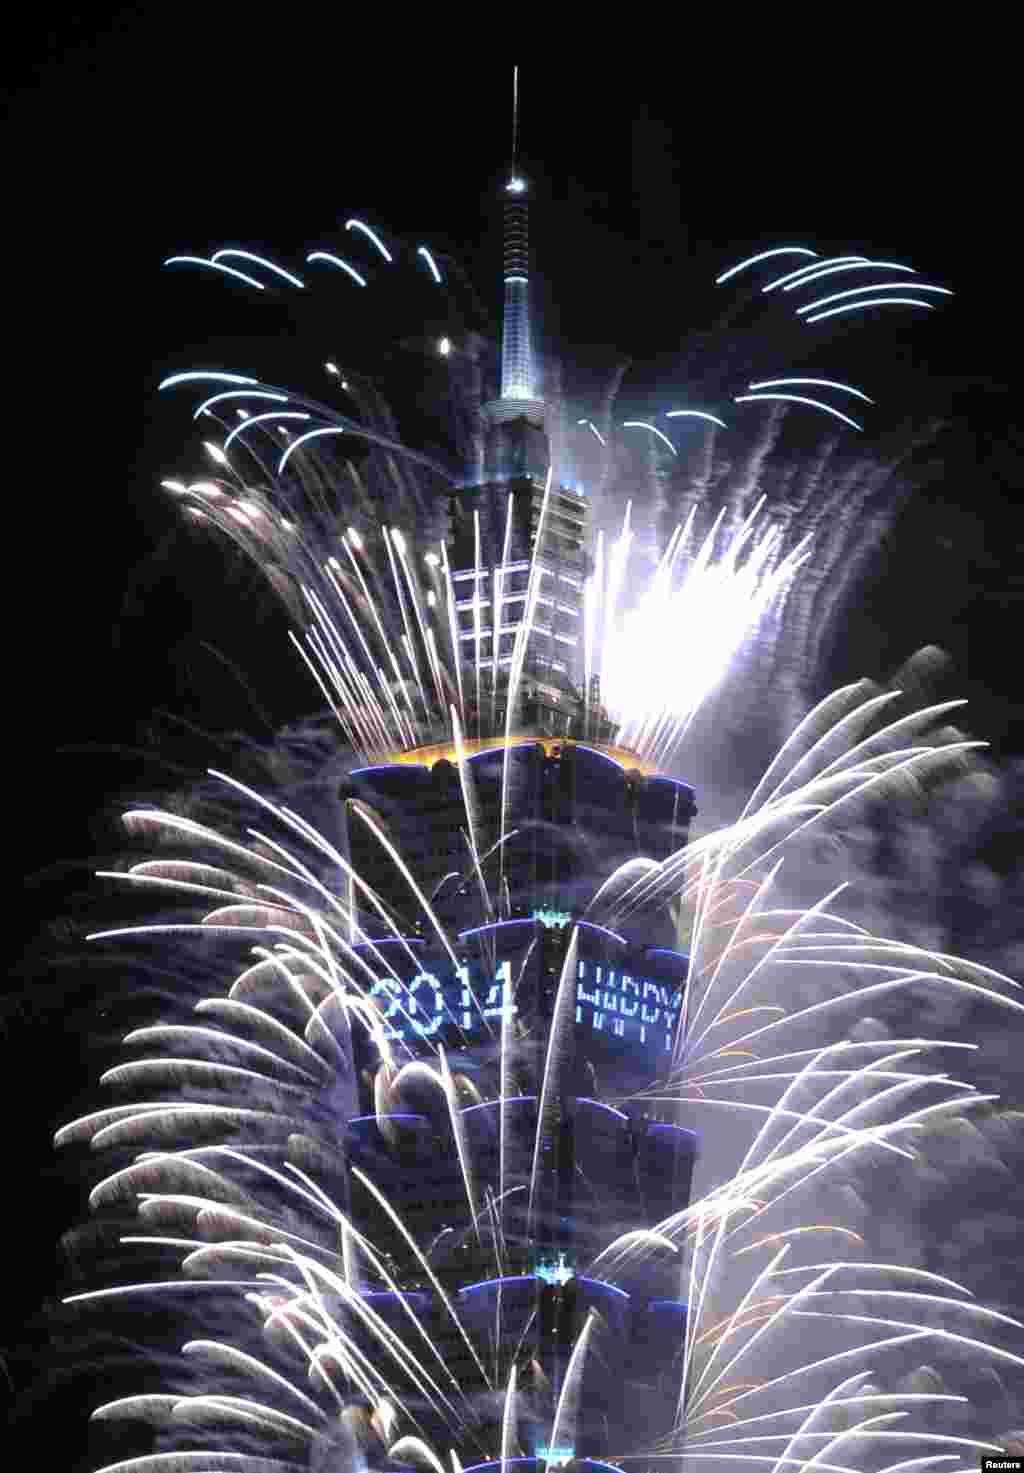 타이완의 최고층 건물인 '타이페이 101'에서 2014년 1월1일 0시를 기해 화려한 불꽃쇼가 펼쳐졌다.